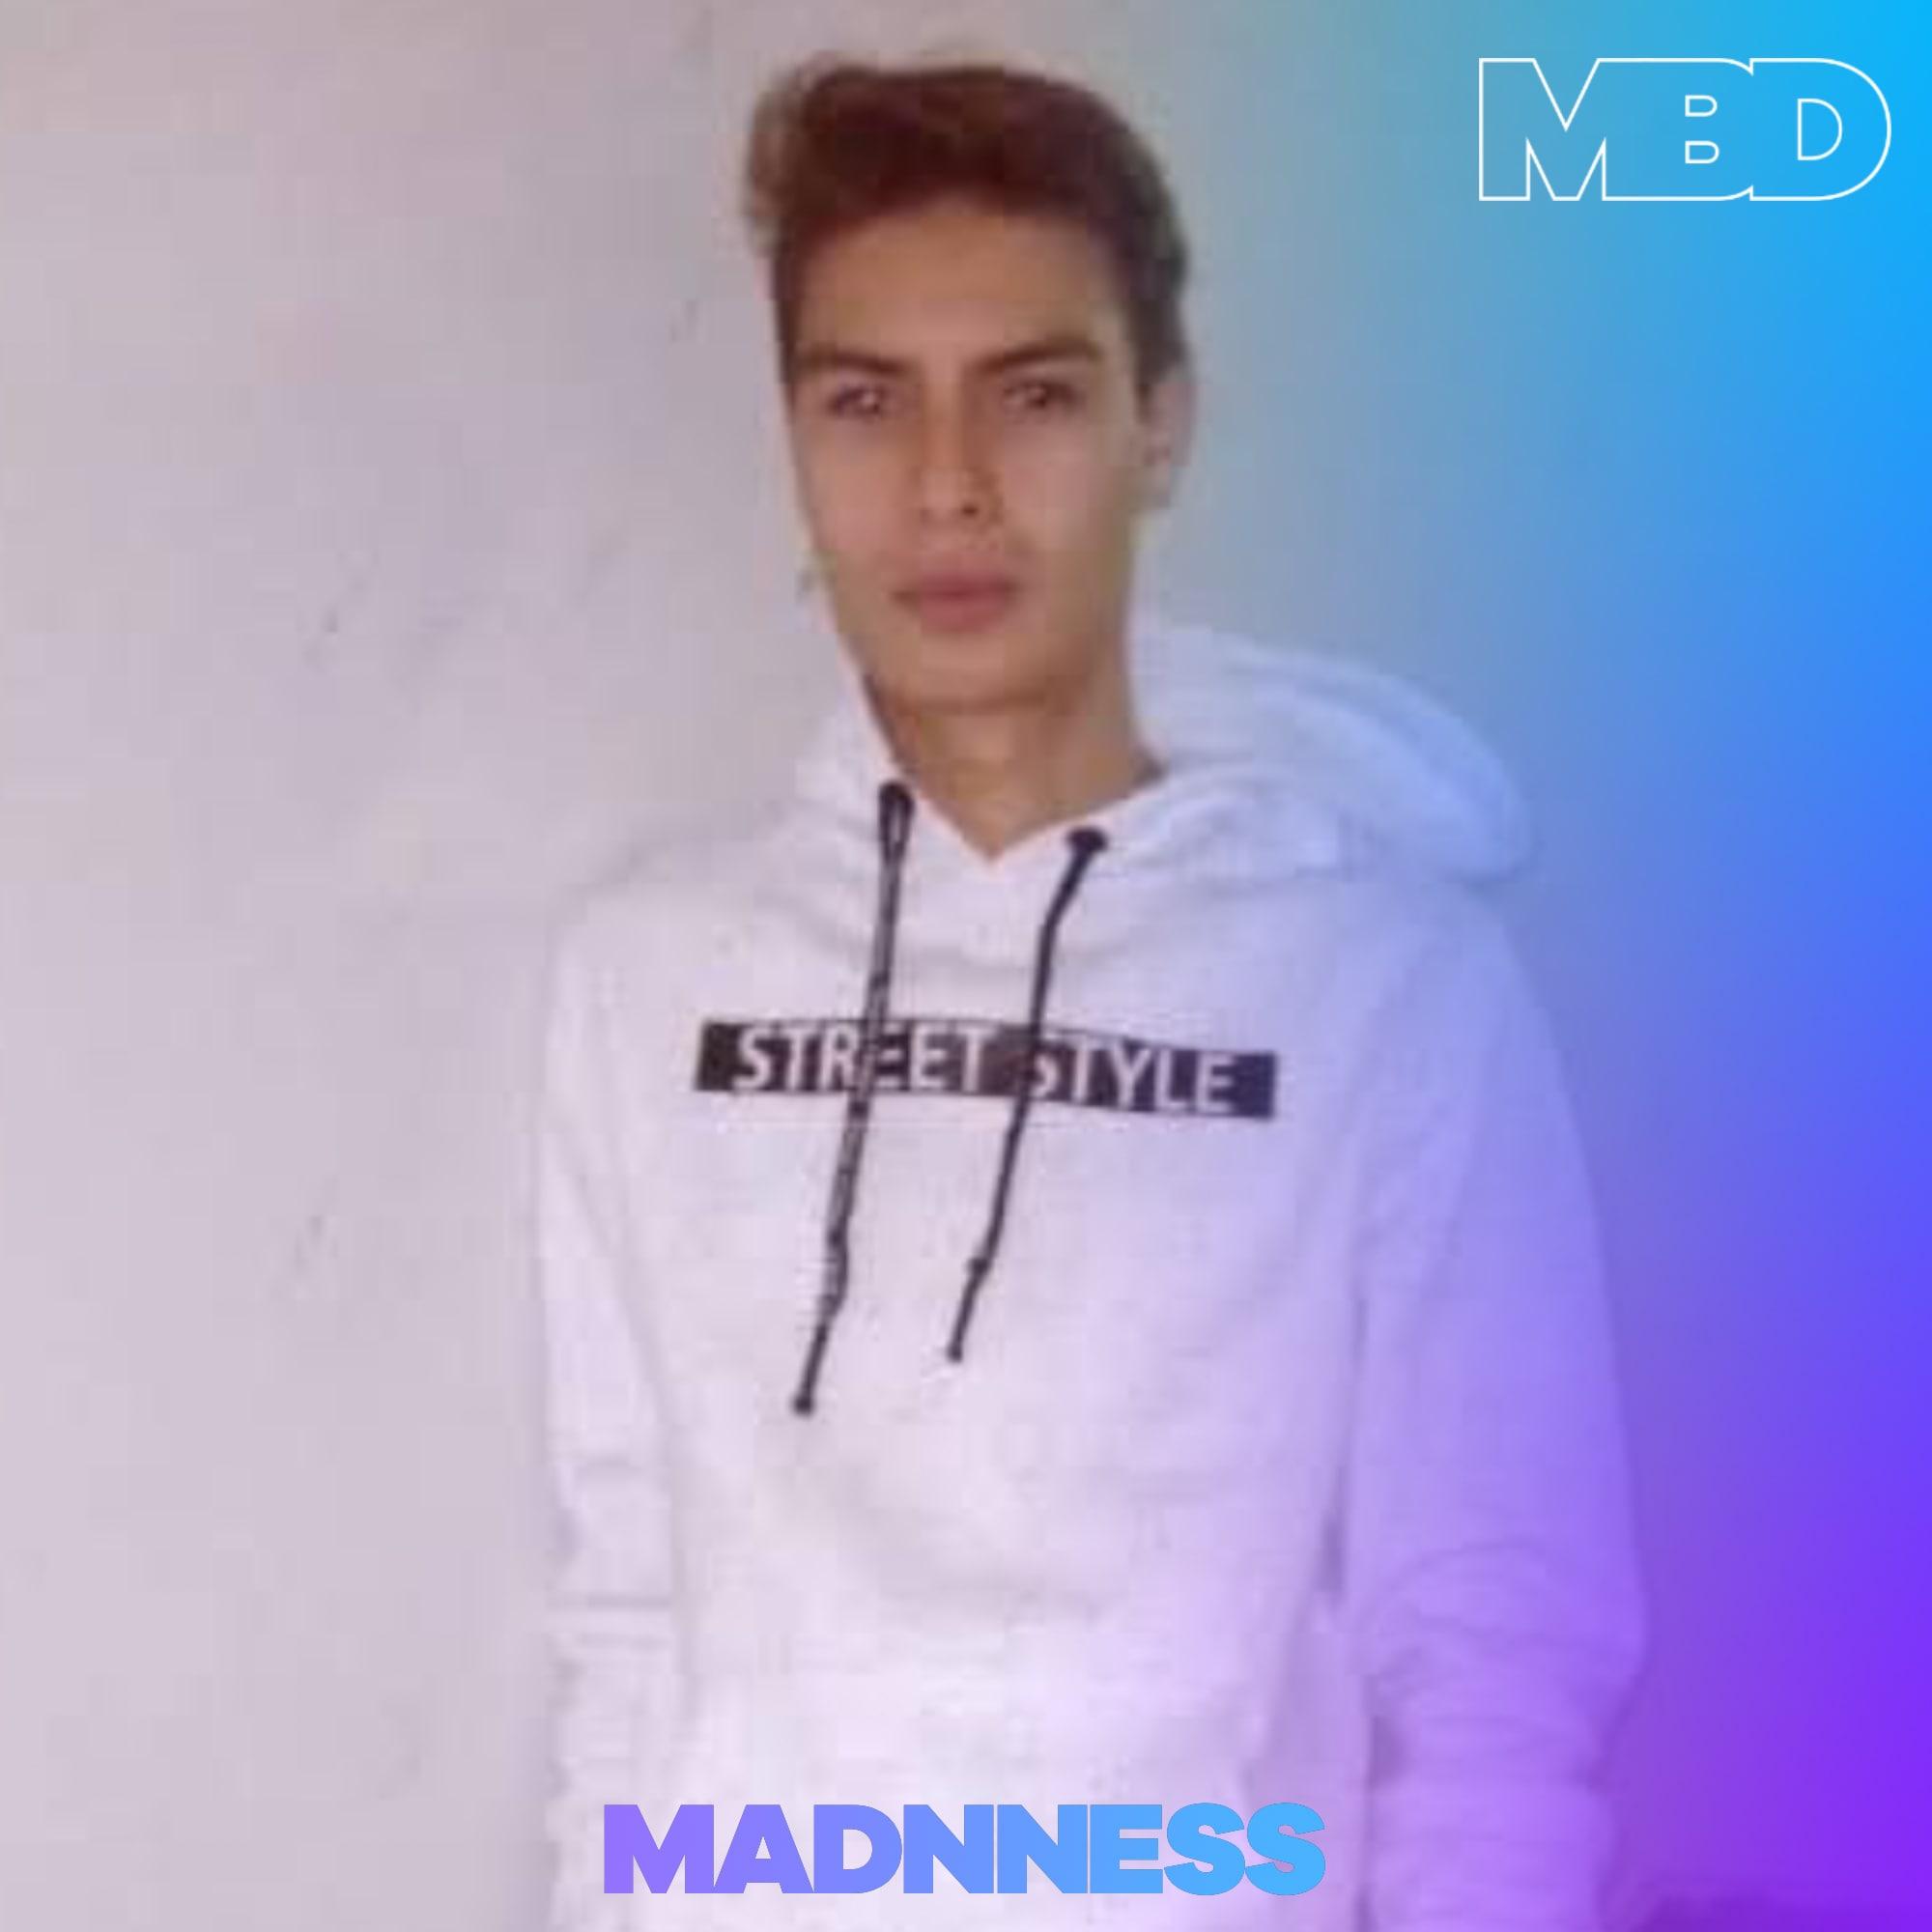 Madnness